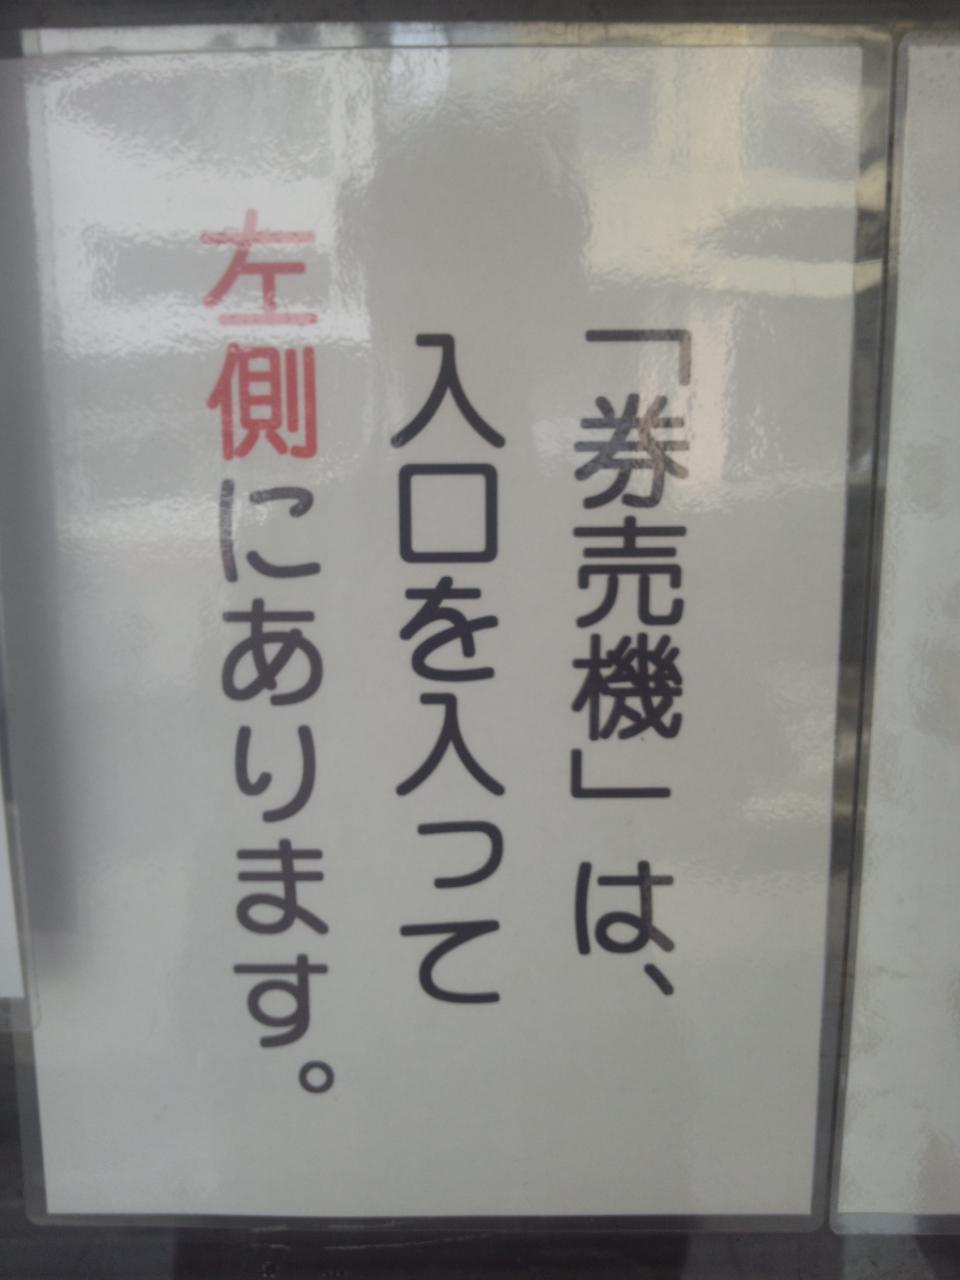 蓮爾登戸店(注意書き)